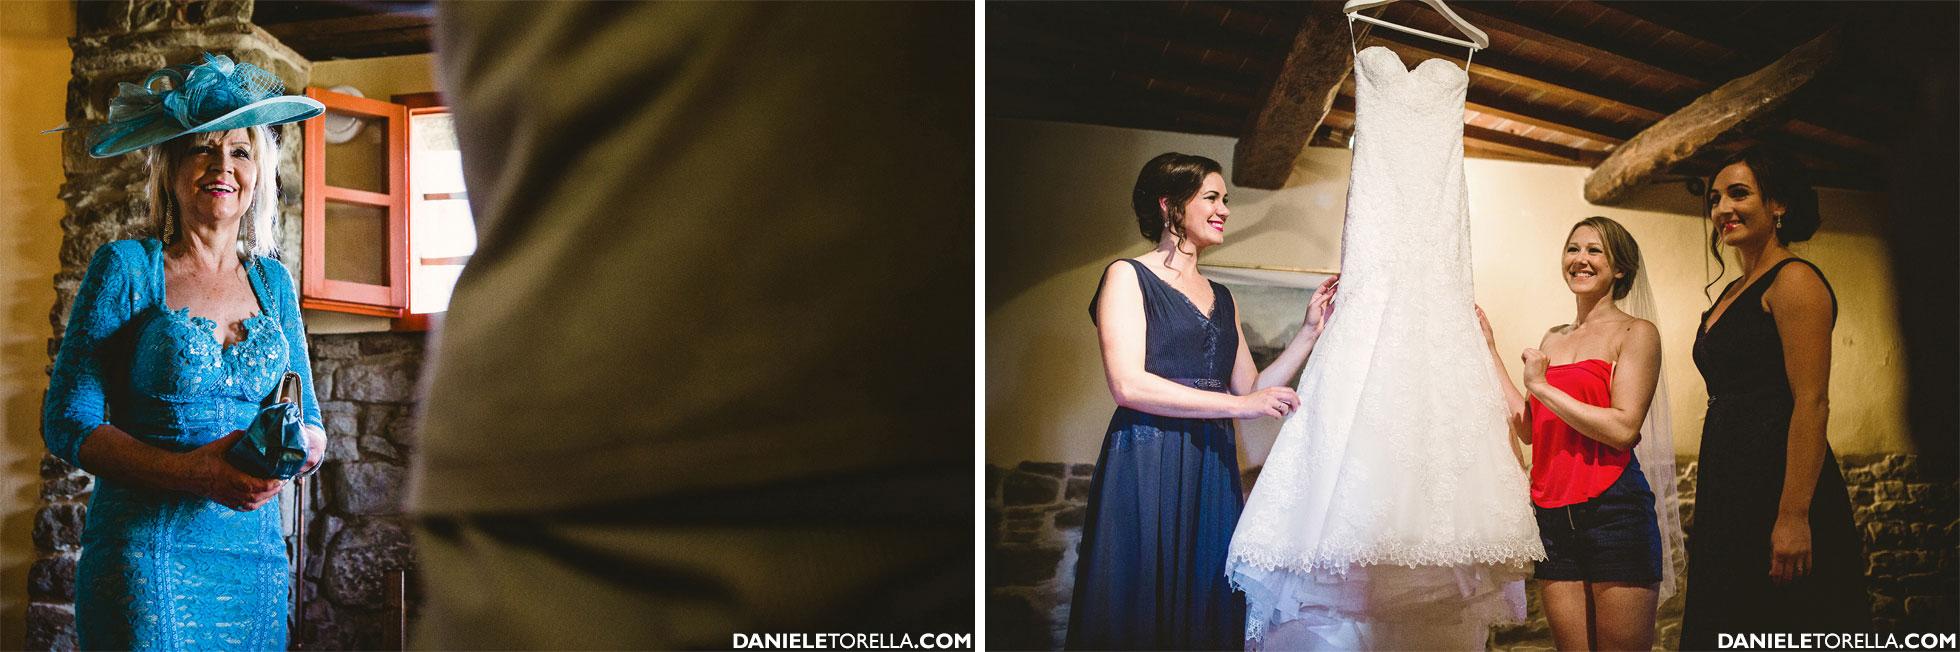 matrimonio-in-toscana-12